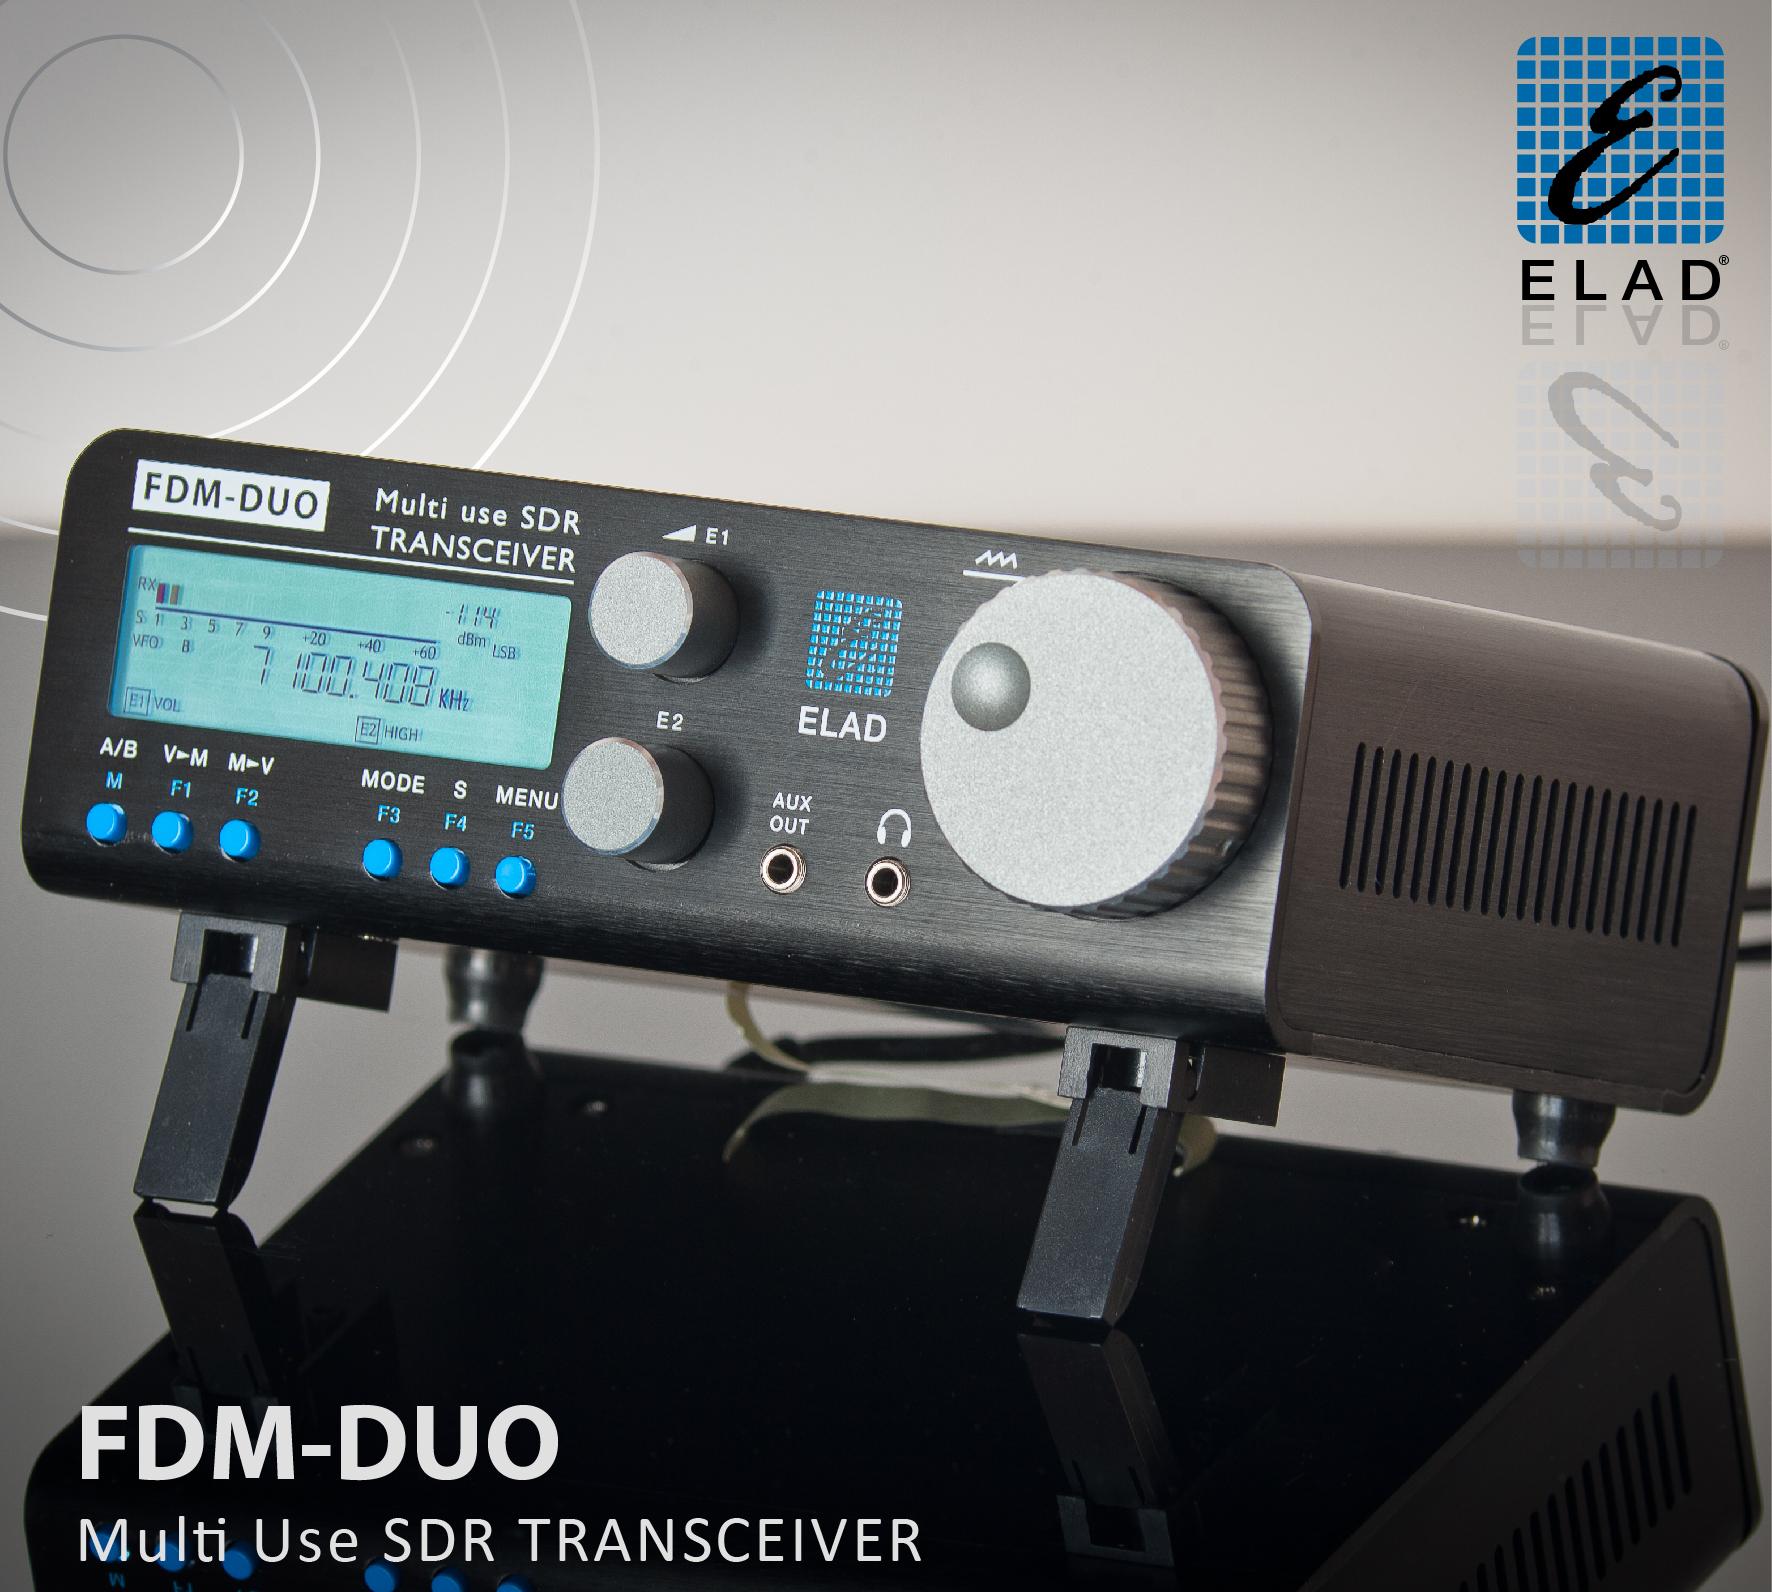 FDM-DUO BLACK